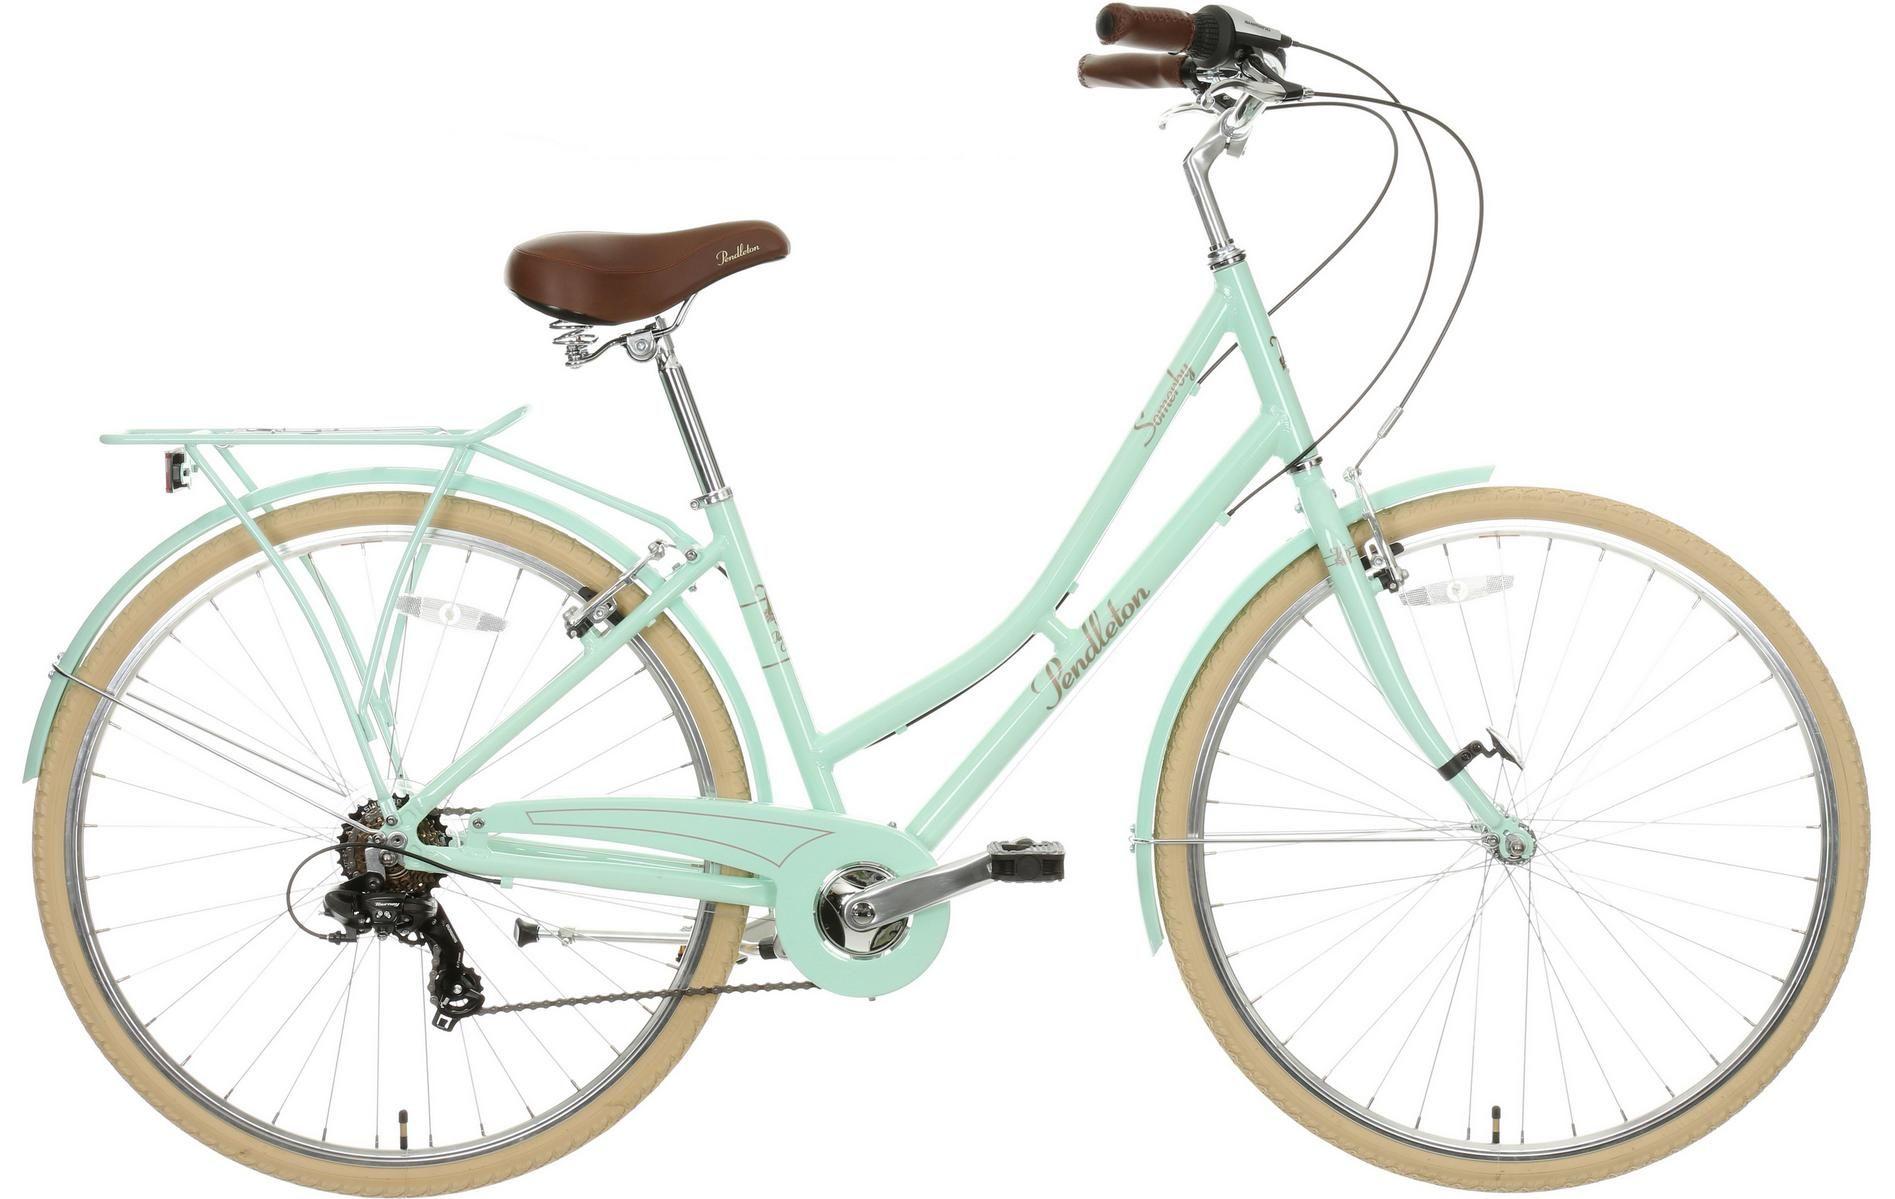 Pendleton Somerby Hybrid Bike Mint 17 19 Frames Hybrid Bike